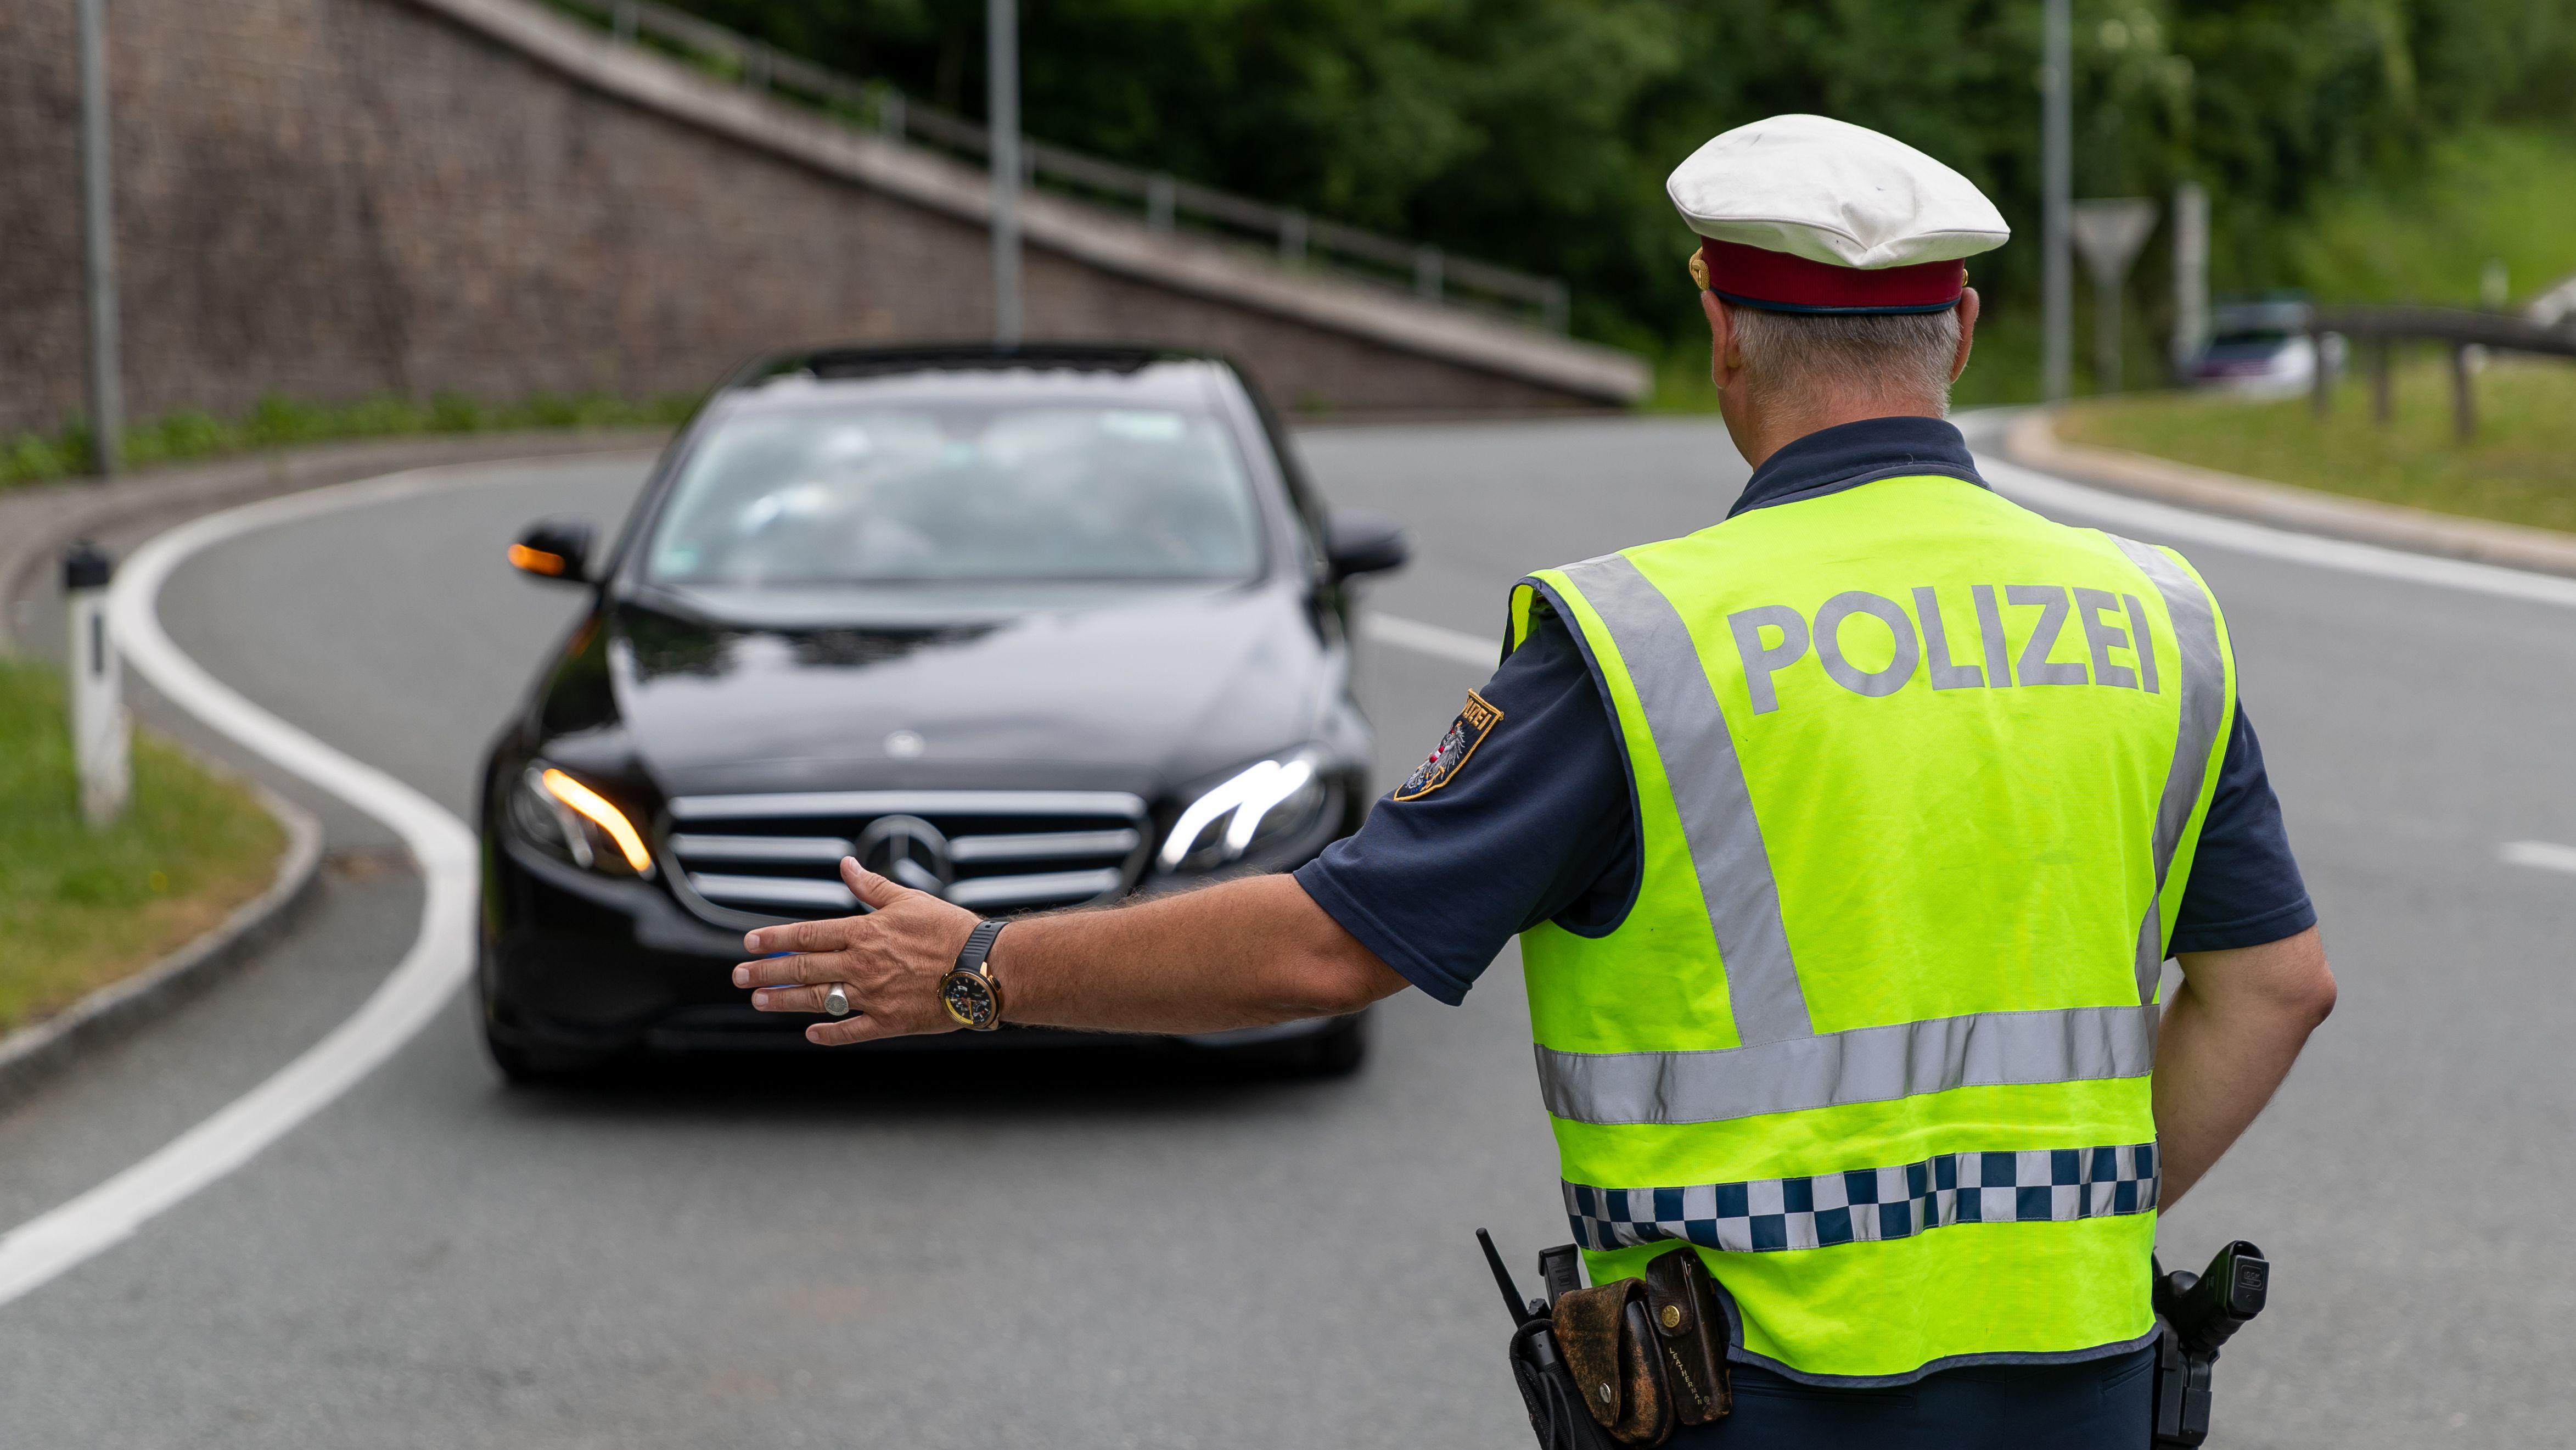 Als Maßnahme gegen die Stauproblematik und den Ausweichverkehr setzt die Tiroler Landesregierung Fahrverbote gegen den Ausweichverkehr ein.